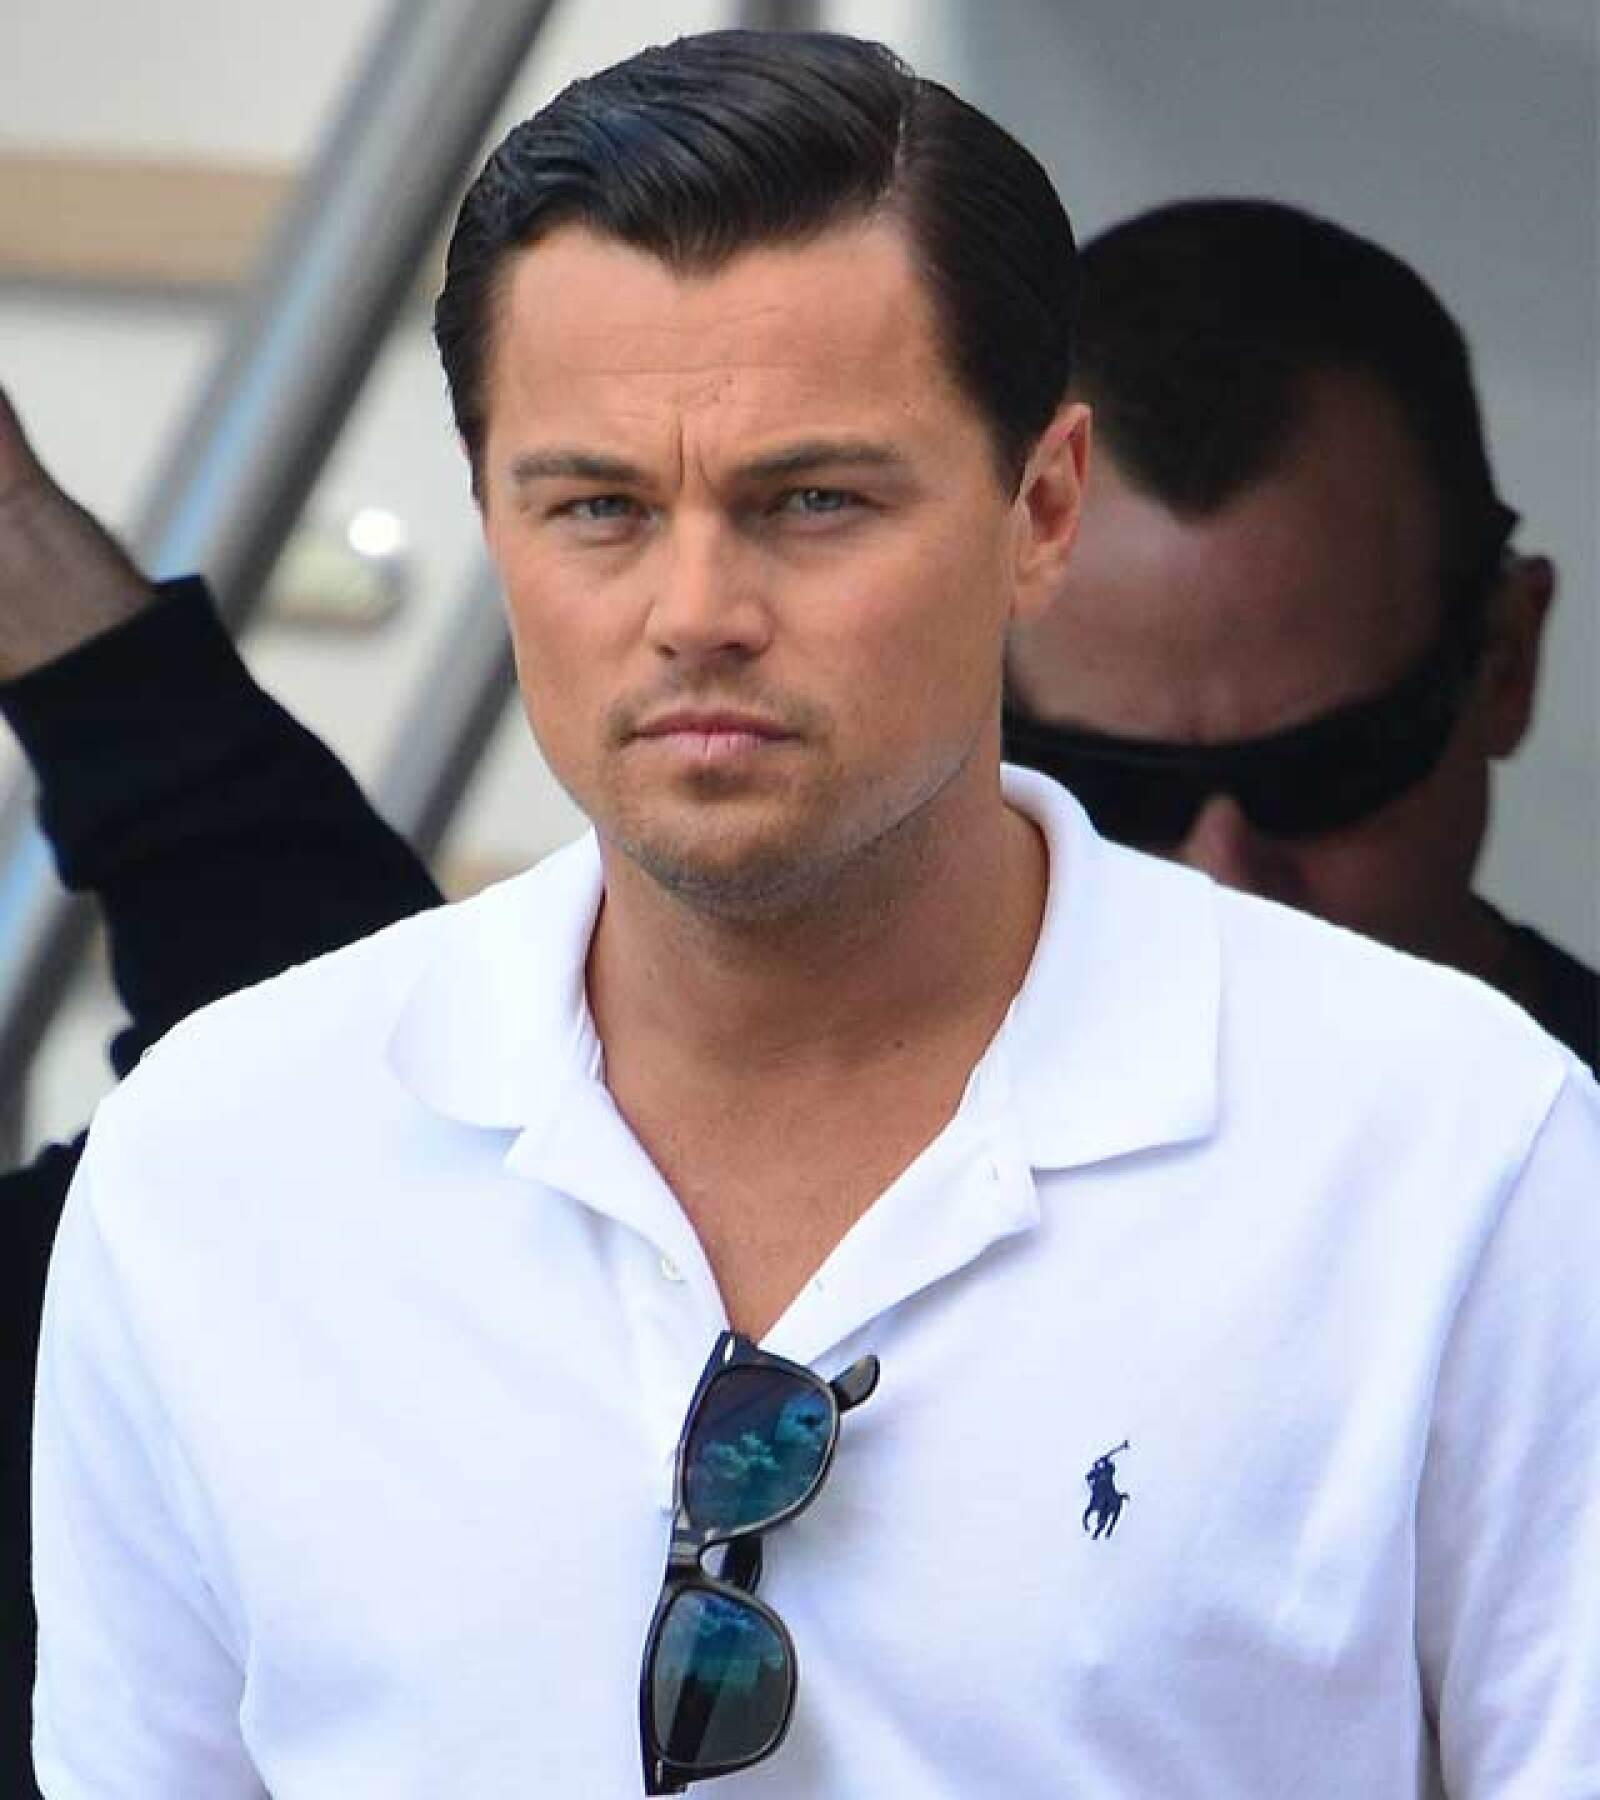 """Durante 2012 inició el rodaje de """"El Lobo de Wall Street"""" para lo que también cambió su tono de pelo y en 2013 sorpendió con su interpretación en """"El Gran Gatsby""""."""